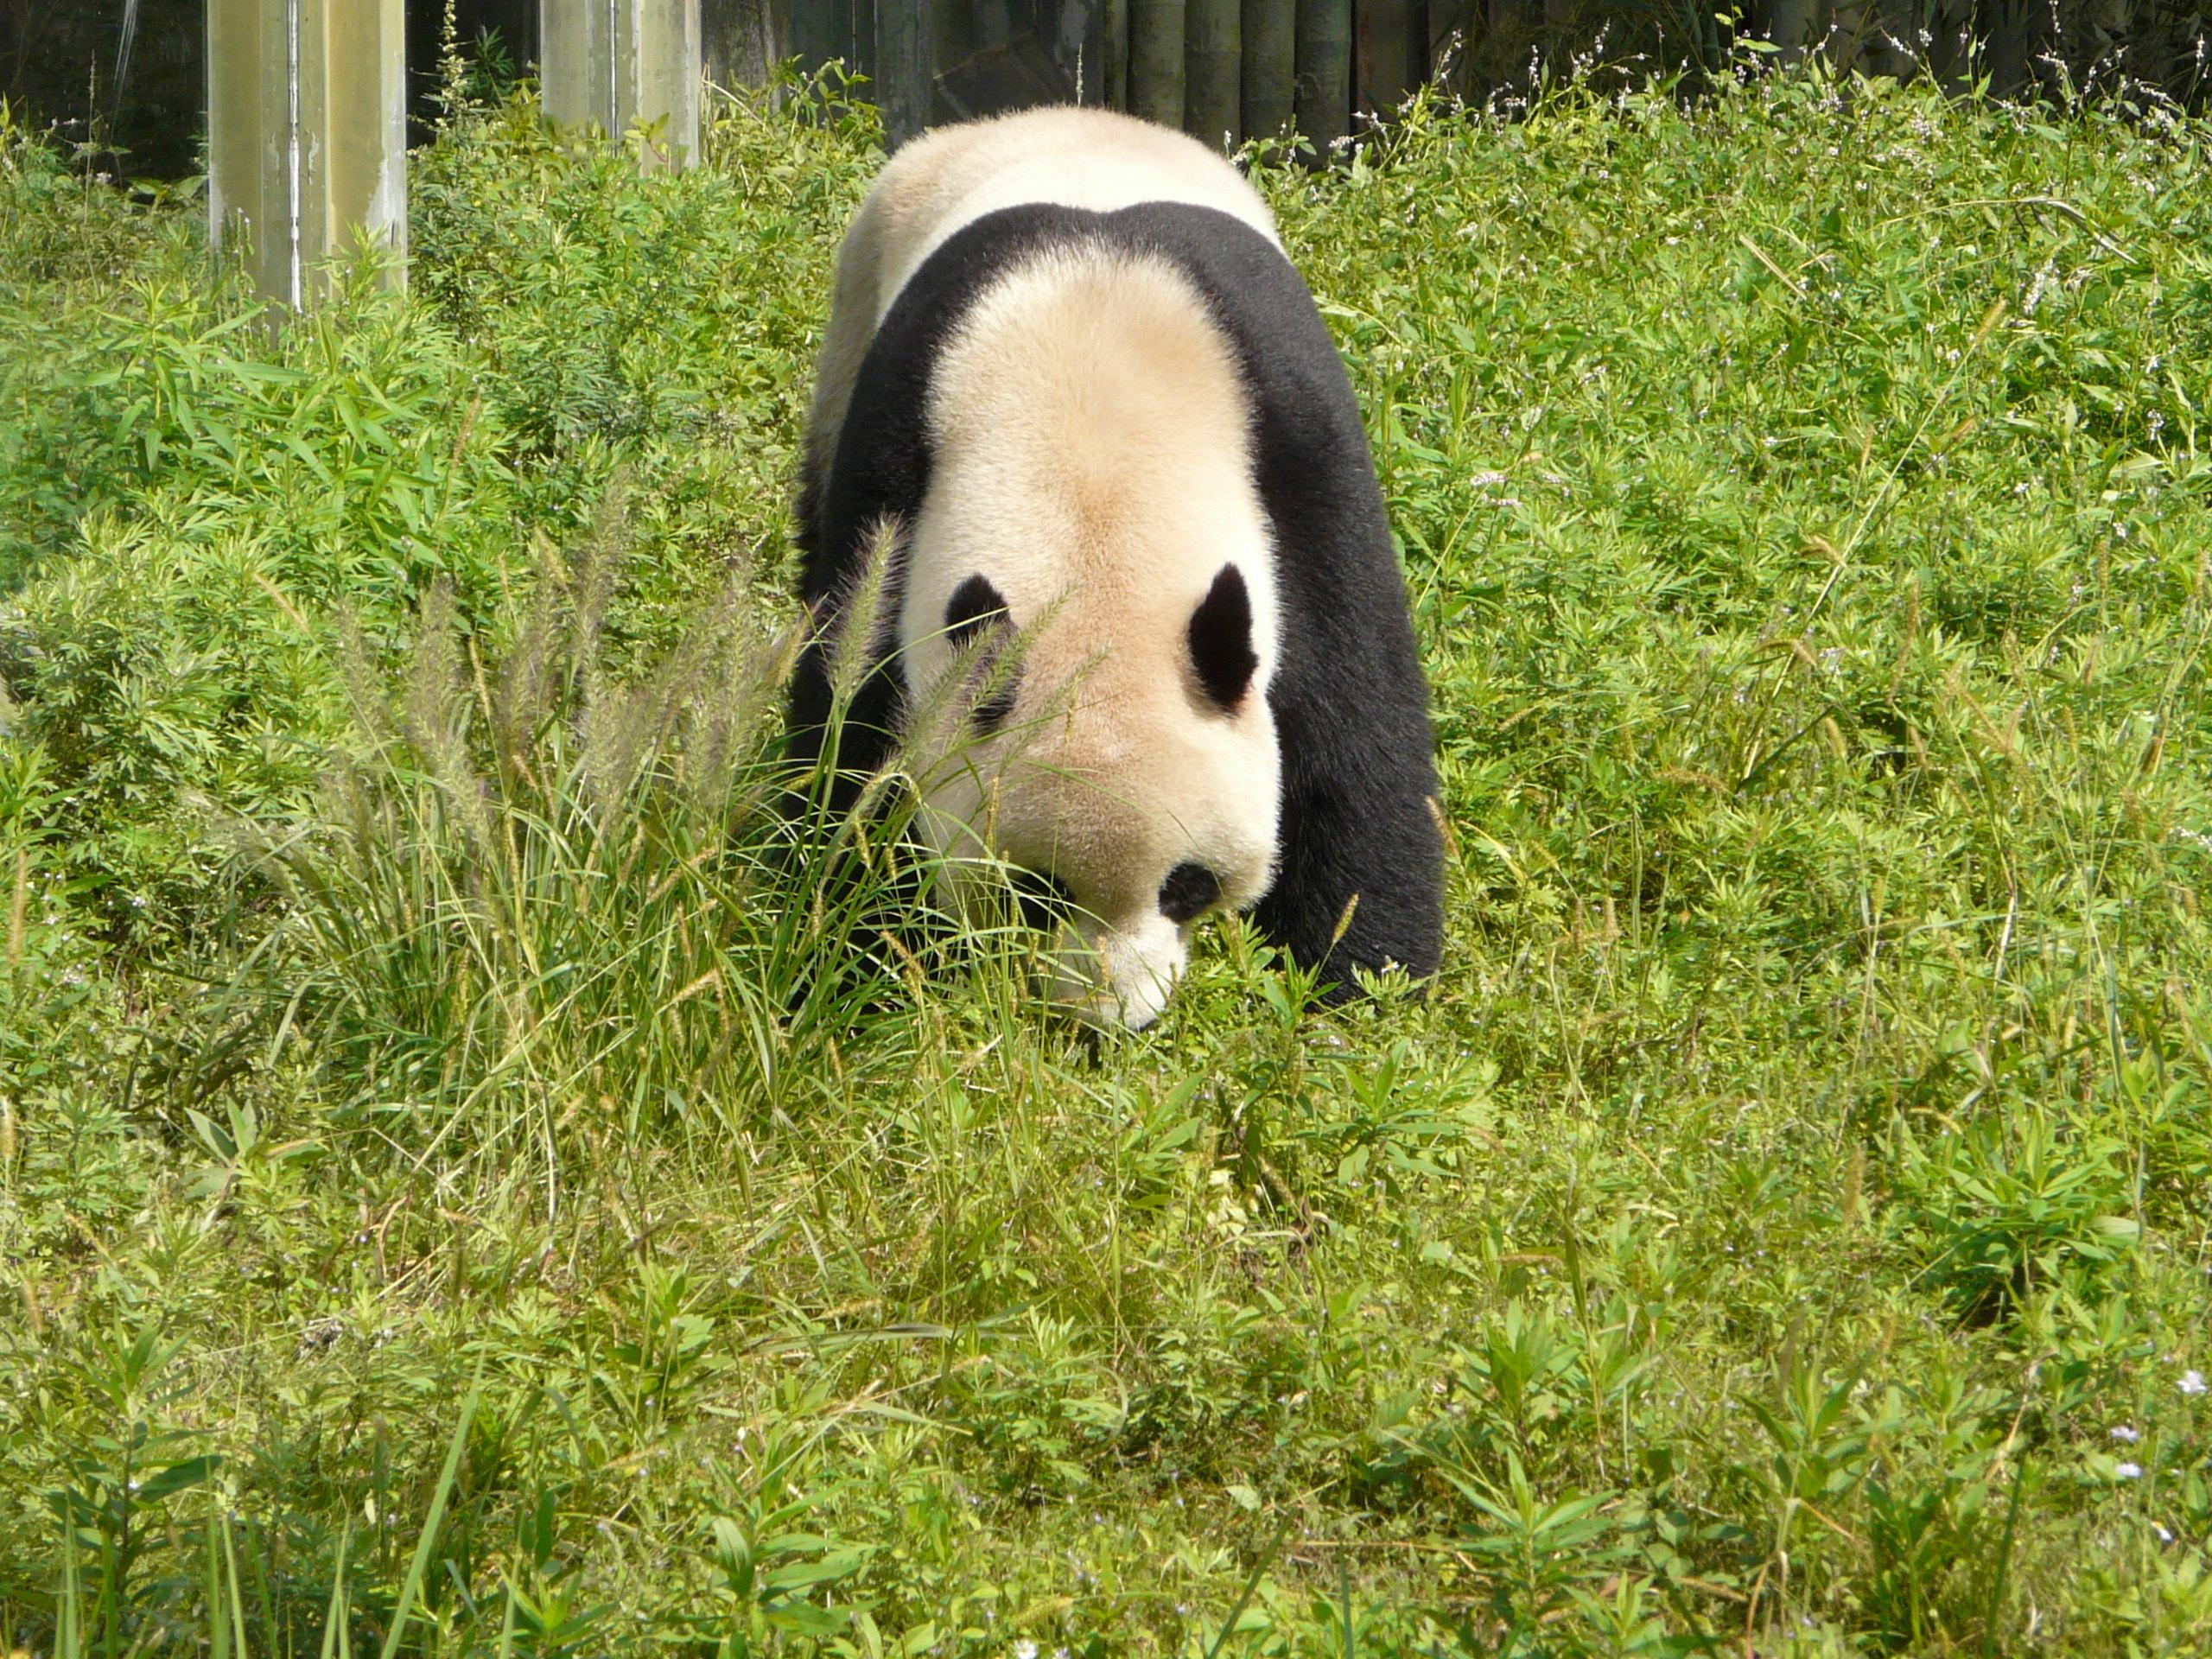 【携程攻略】北京北京野生动物园适合朋友出游旅游吗